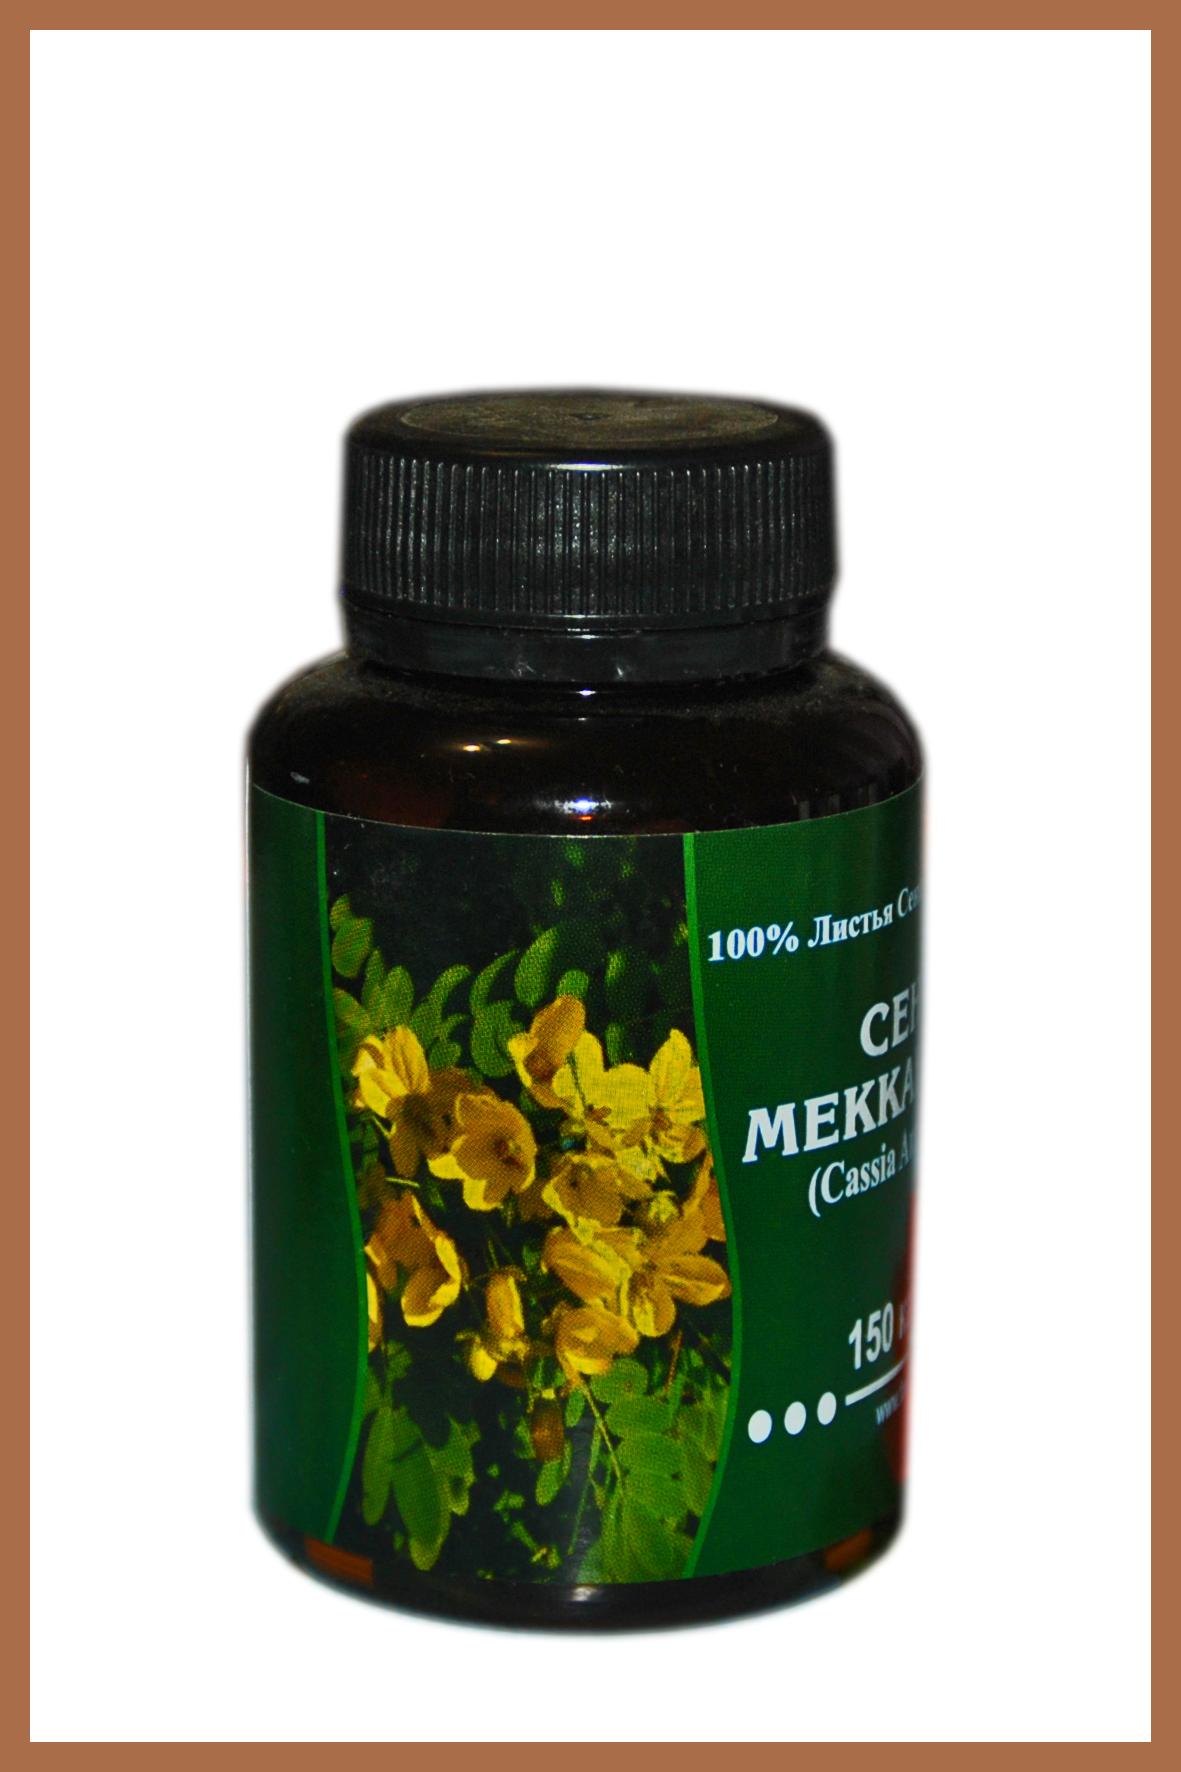 Как помогает сенна мекканская для похудения?